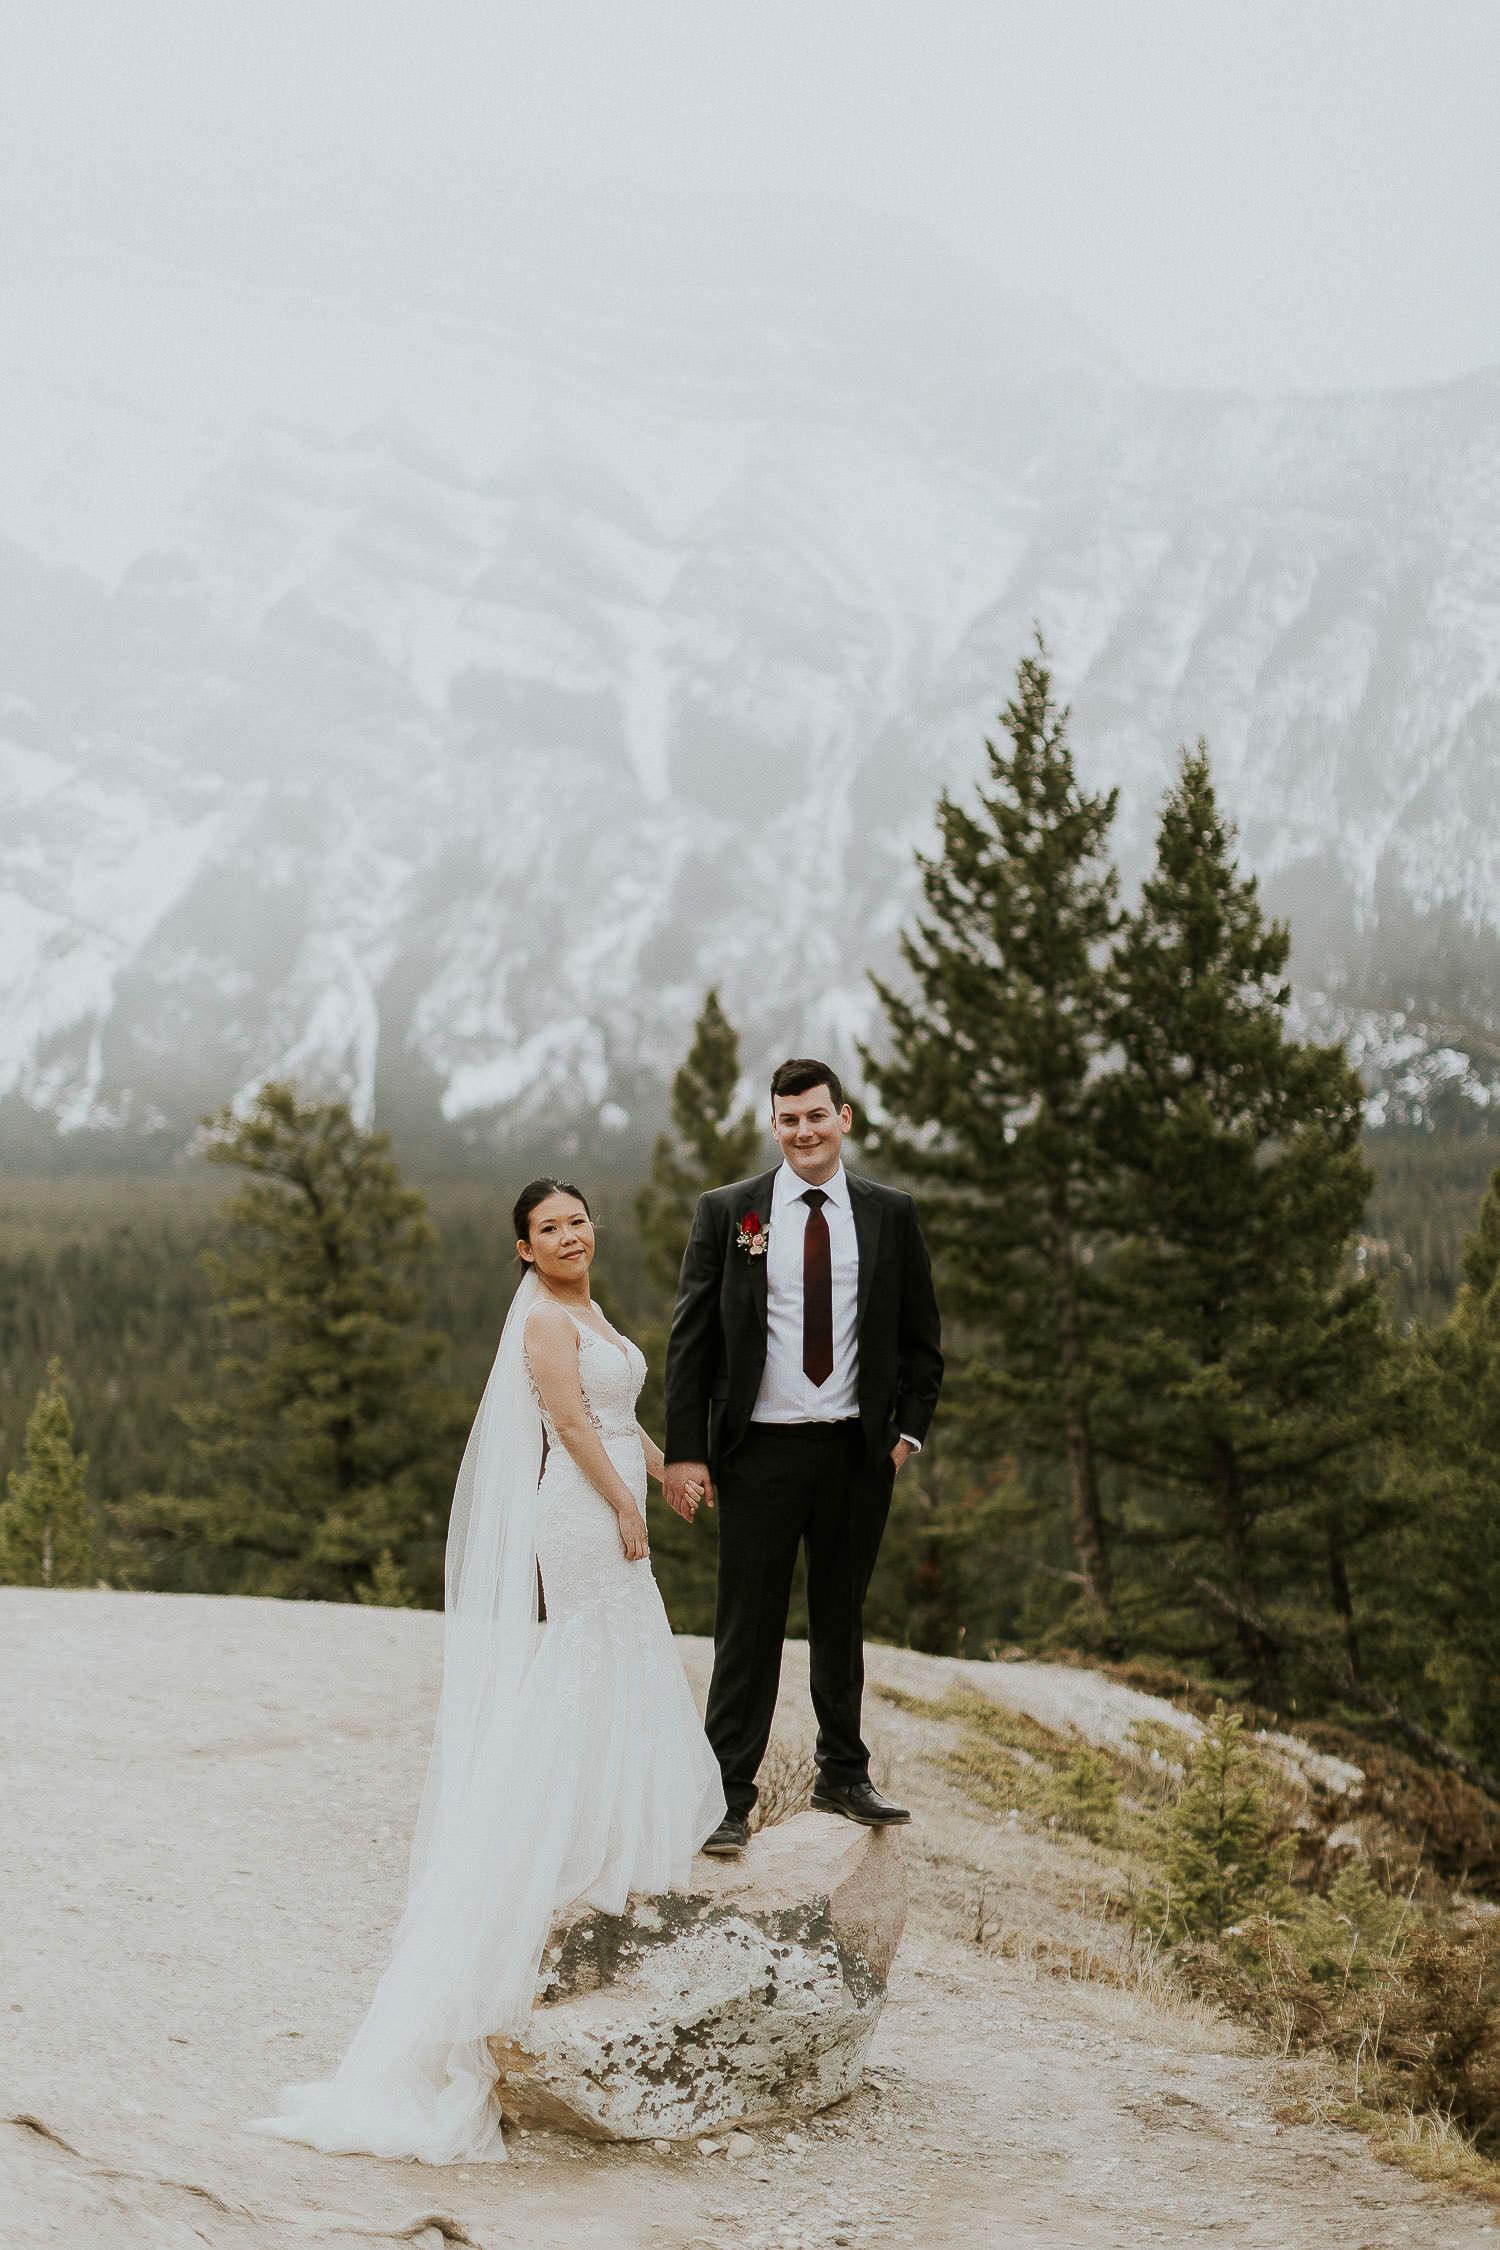 intimate-wedding-at-banff-springs-hotel-sarah-pukin-0179